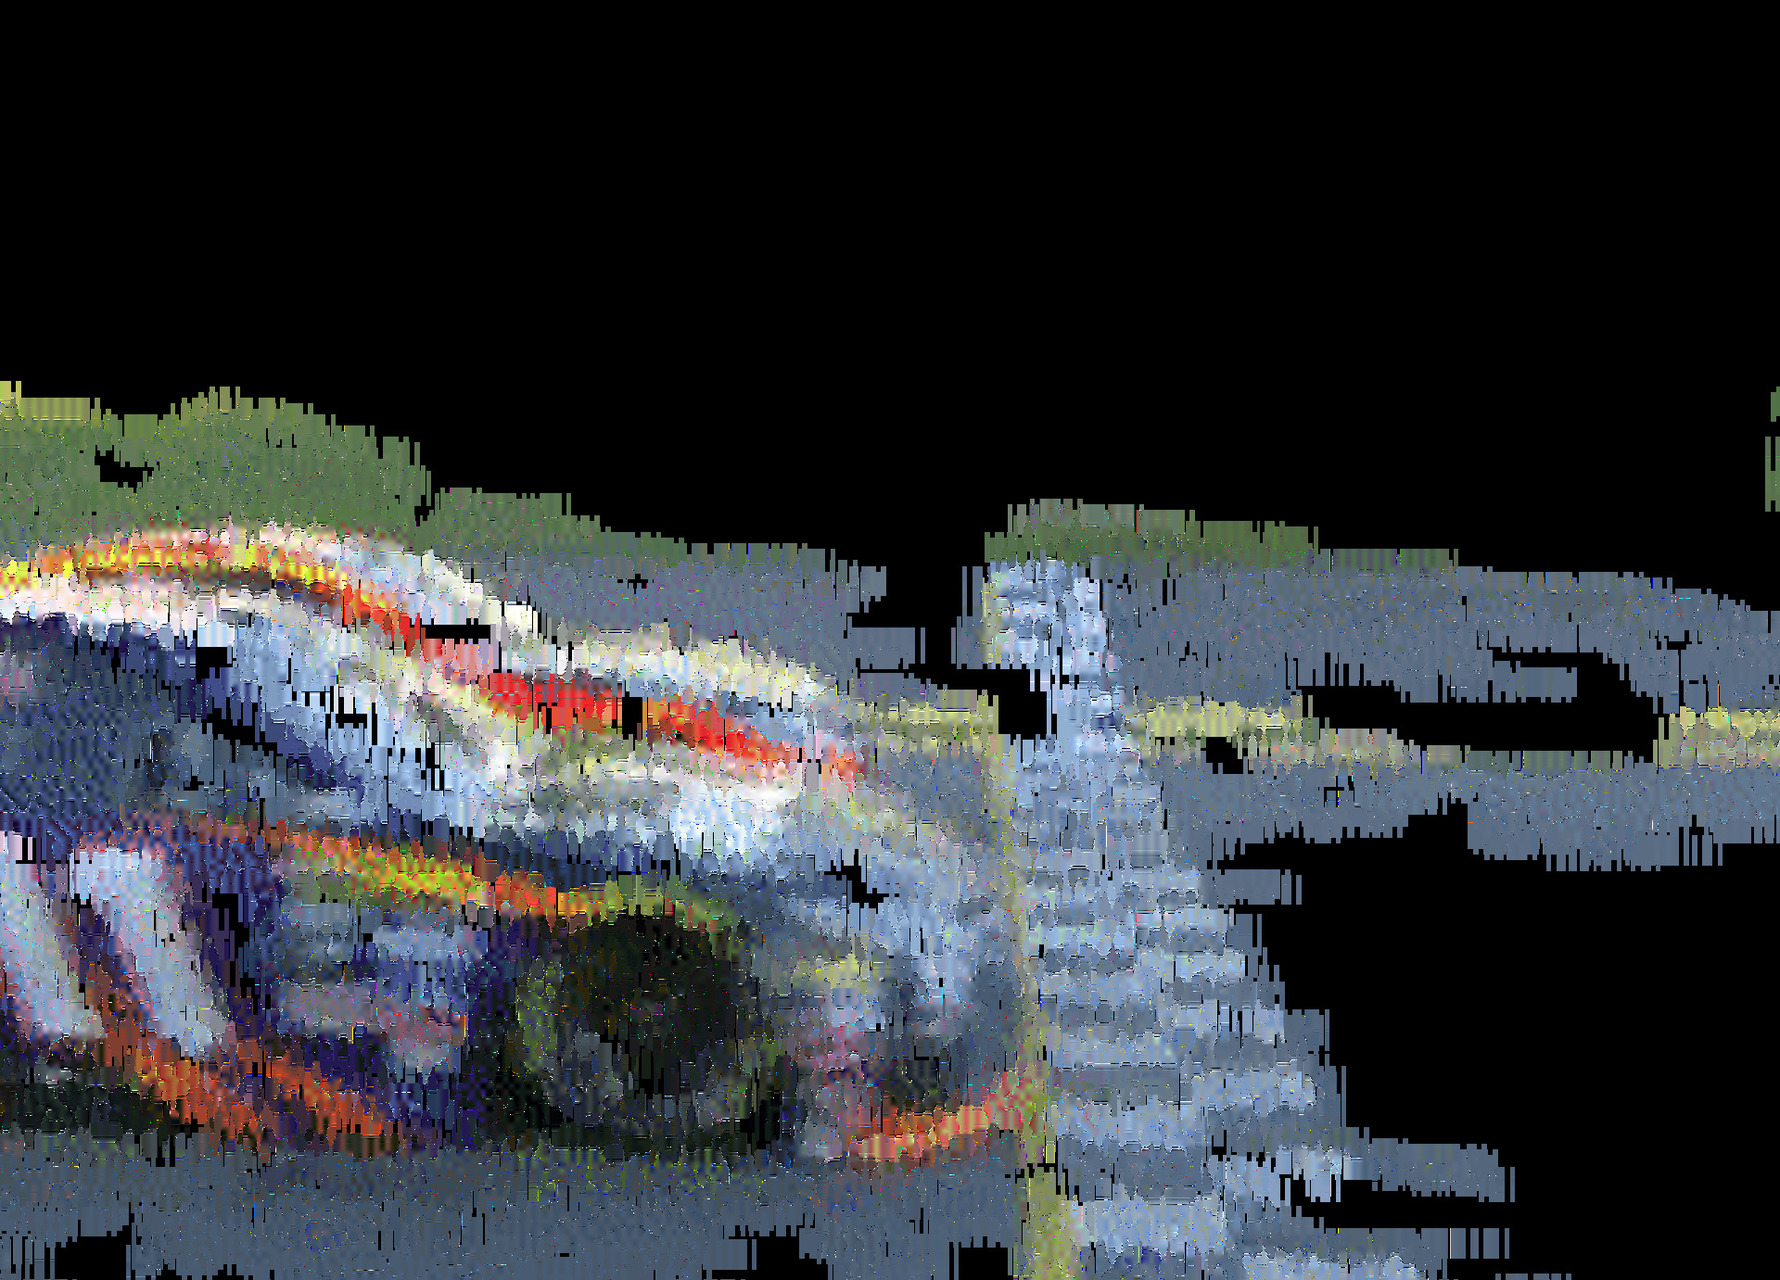 The 2016 Daytona 500 Was the Closest Finish in Daytona History